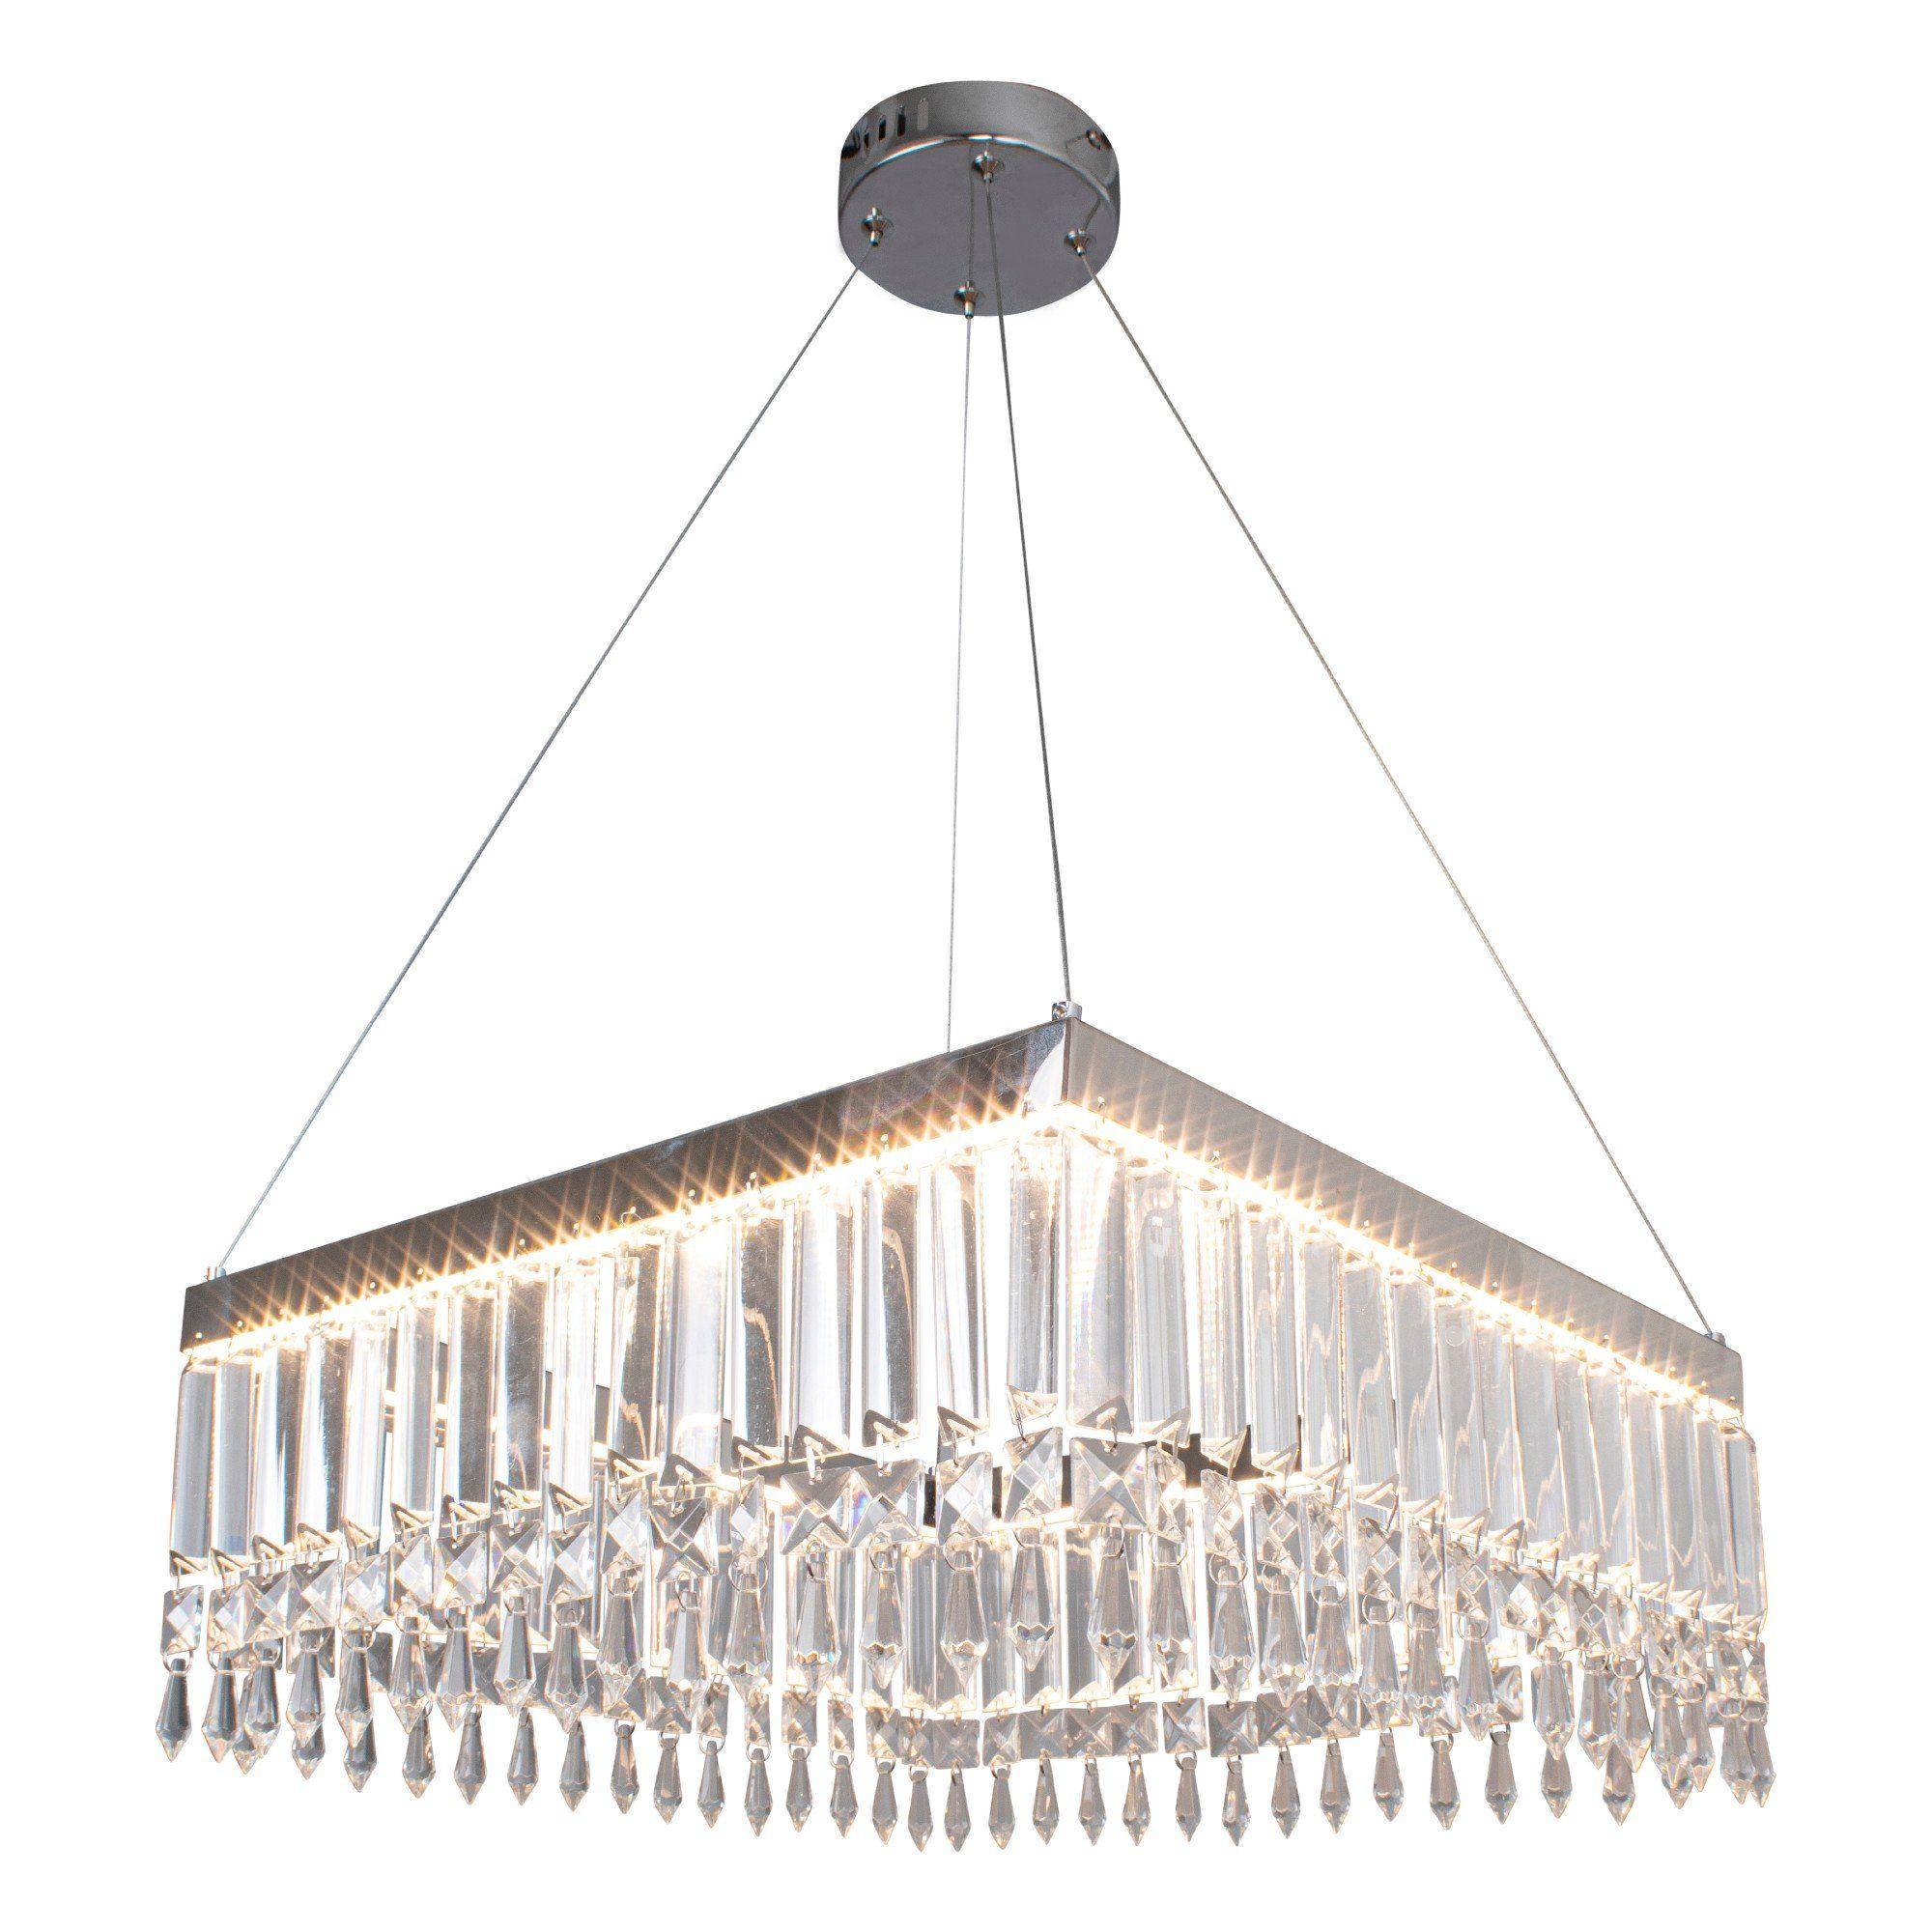 Maisha LED Polished Chrome Pendant Ceiling Light